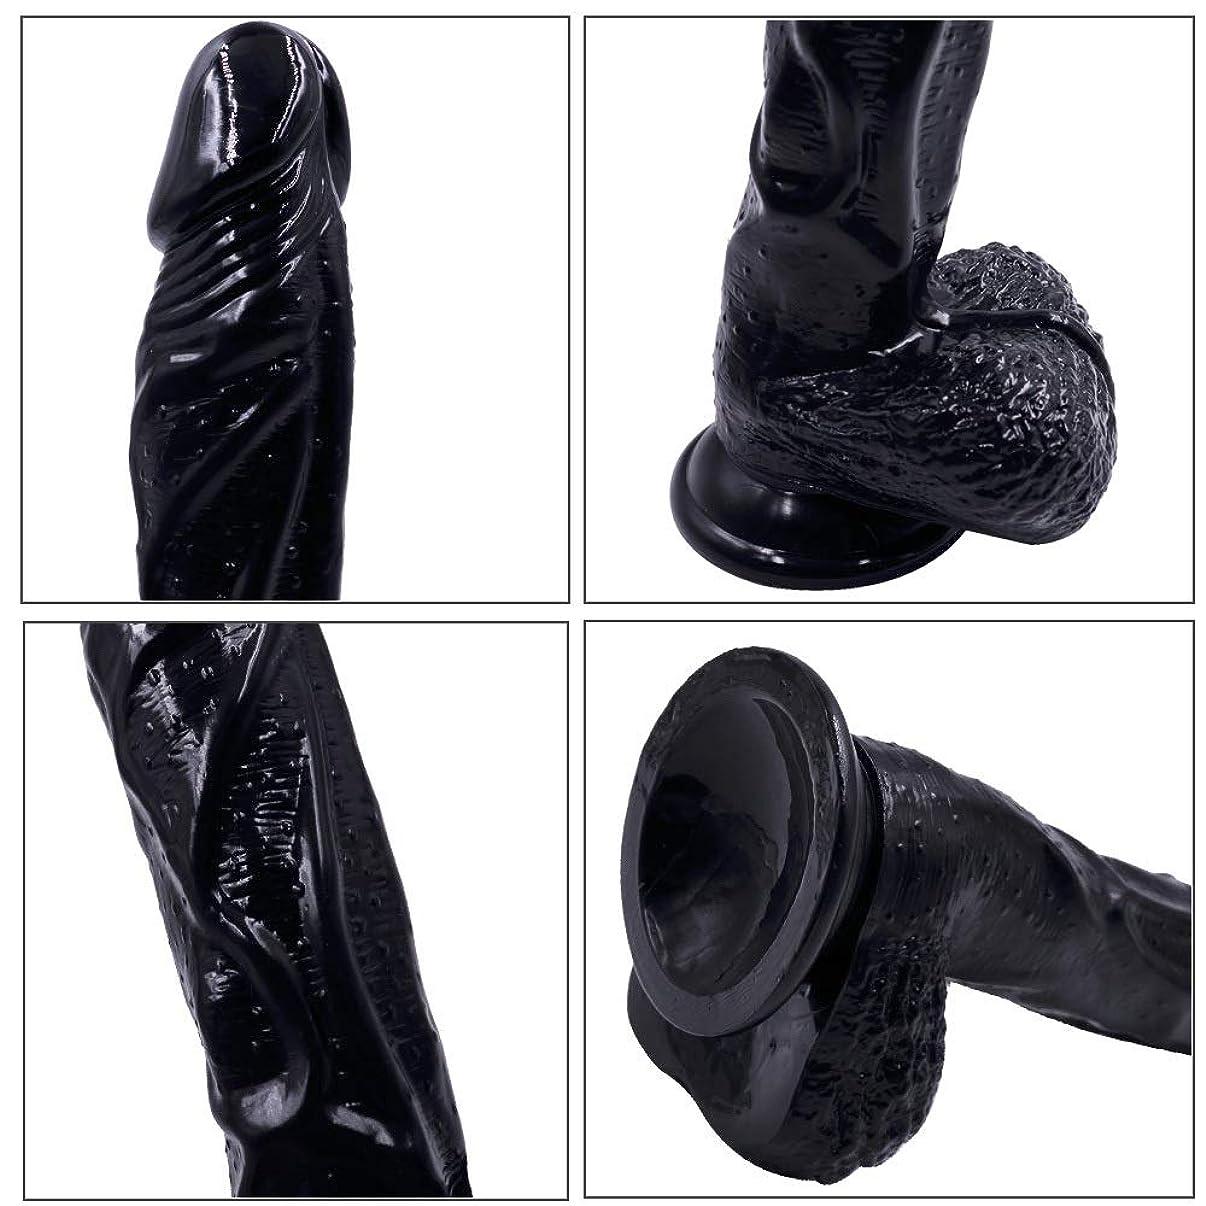 ズボン海峡流用するSUON 8.85インチPVCシミュレーション黒女性玩具防水マッサージャー、再利用可能